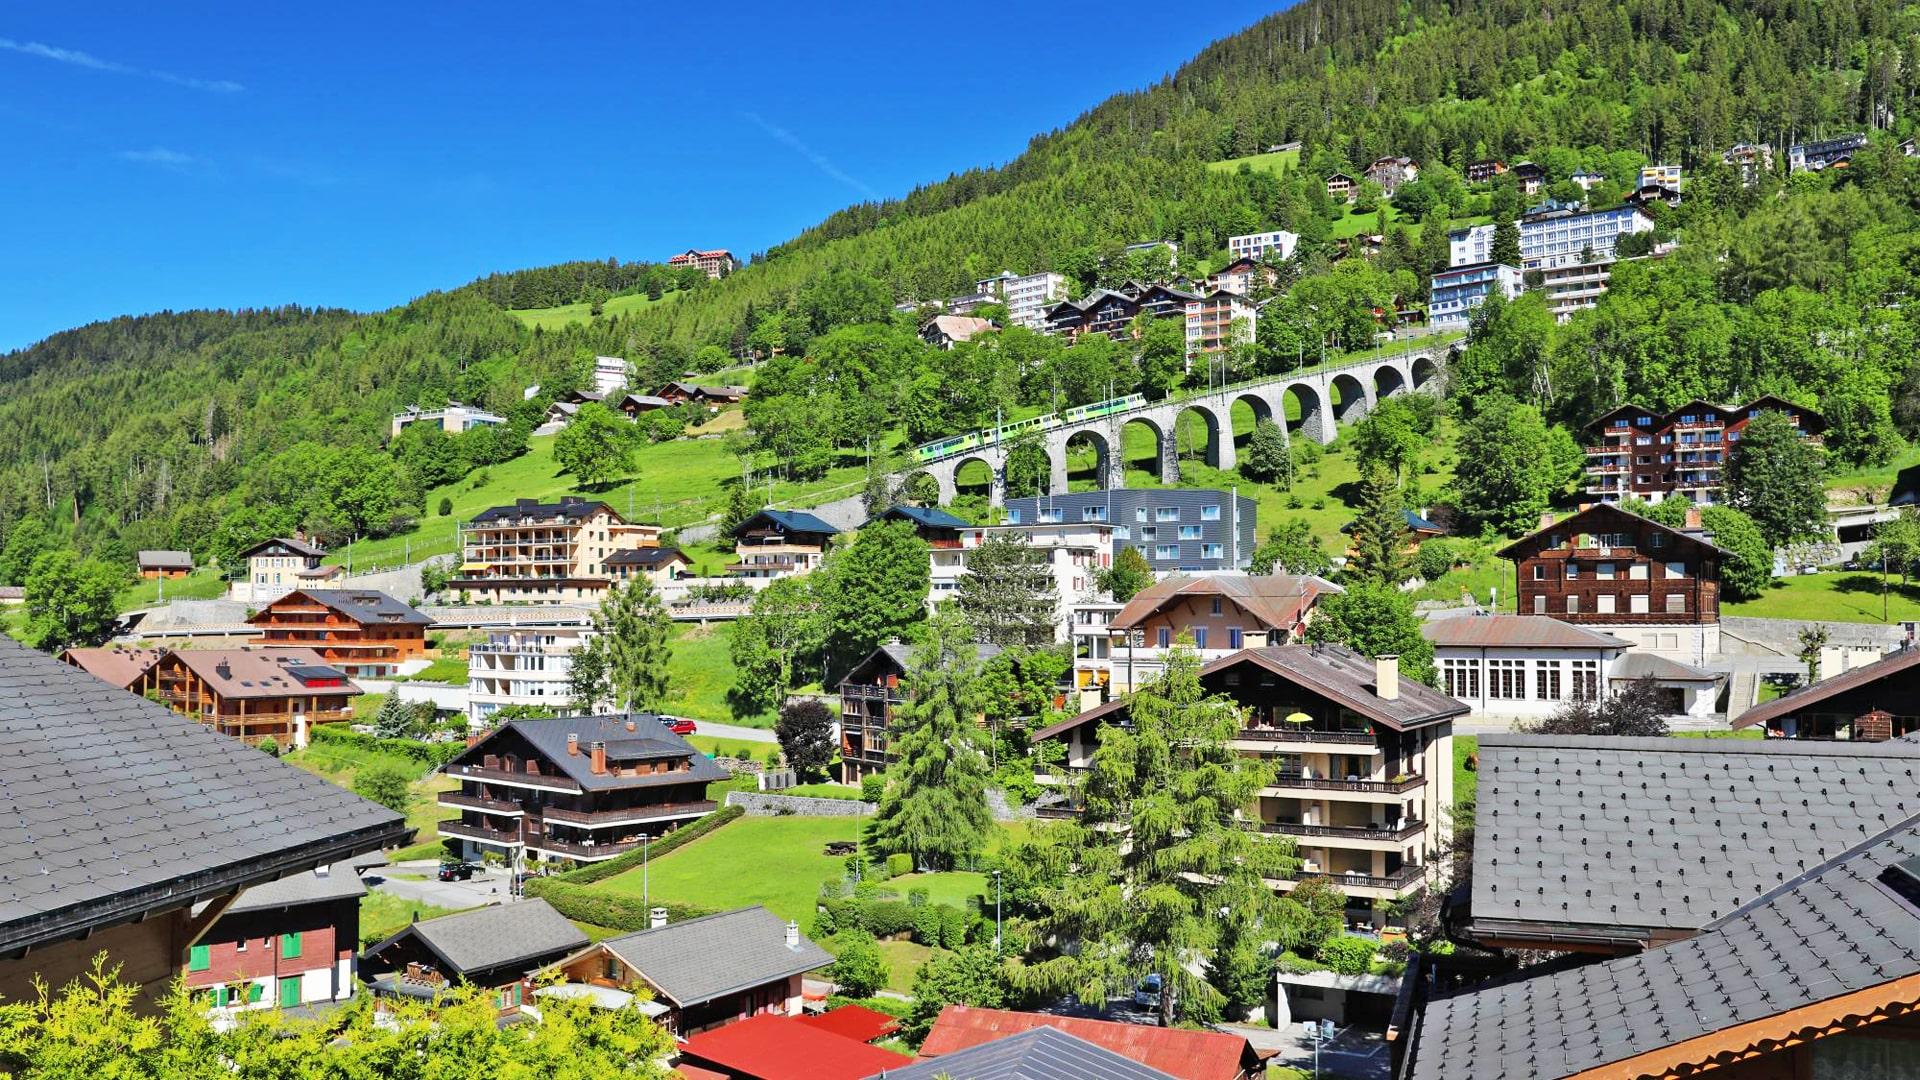 Curso de verano de inglés y francés en los Alpes Suizos en internado